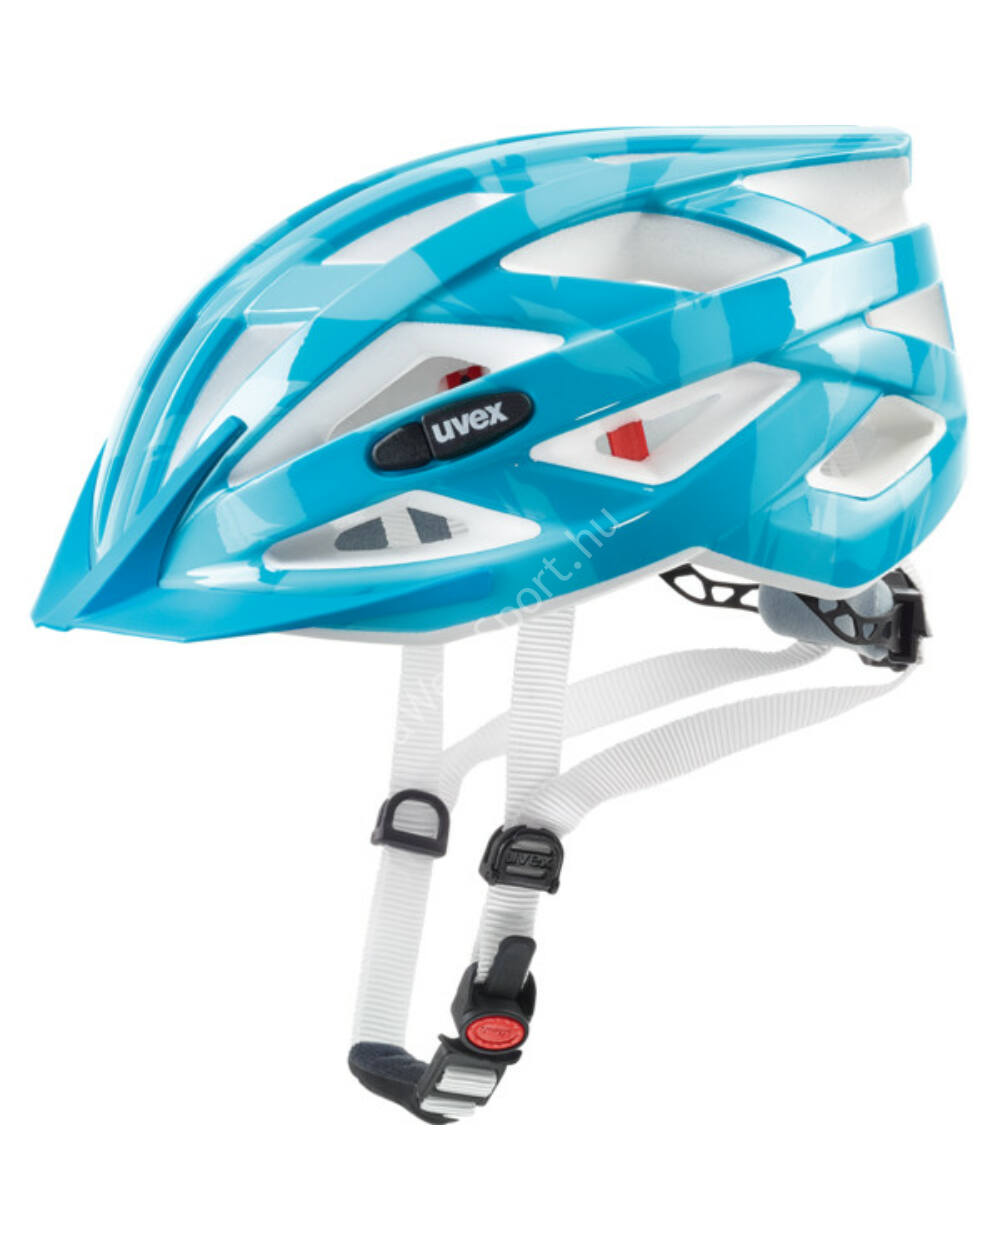 Uvex I-VO C kerékpáros bukósisak, lightblue, 52-57cm